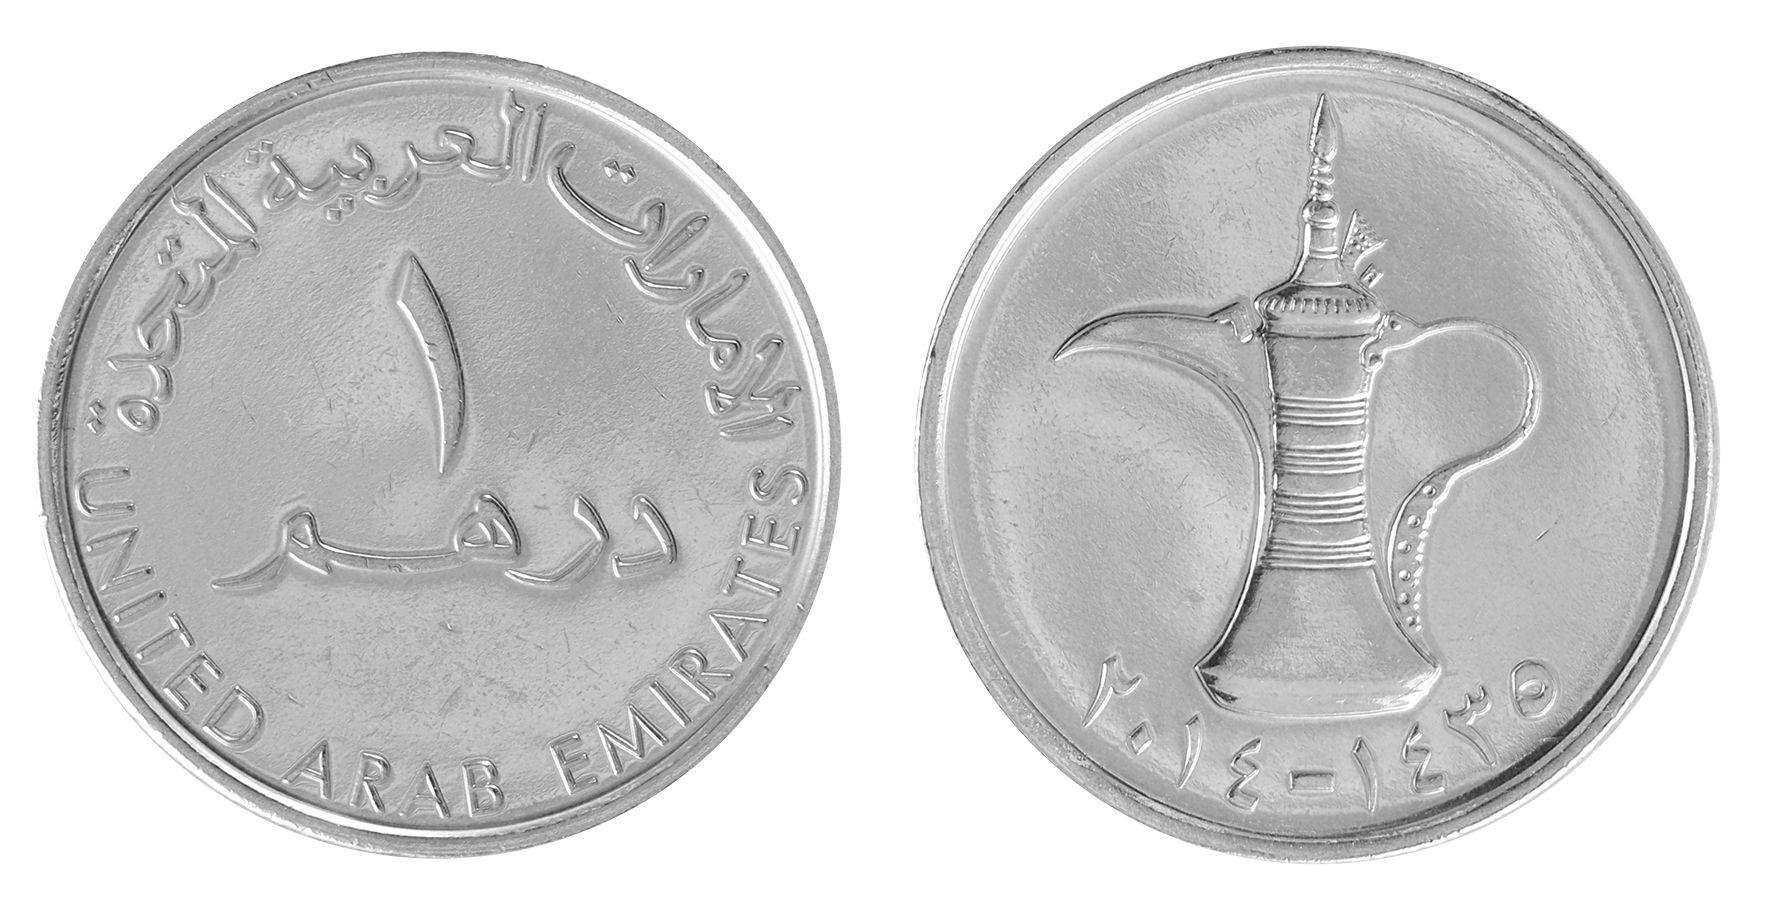 United Arab Emirates - UAE 1 Fils - 1 Dirham, 6 Pieces Full Coin Set, 1973  - 2014, Mint